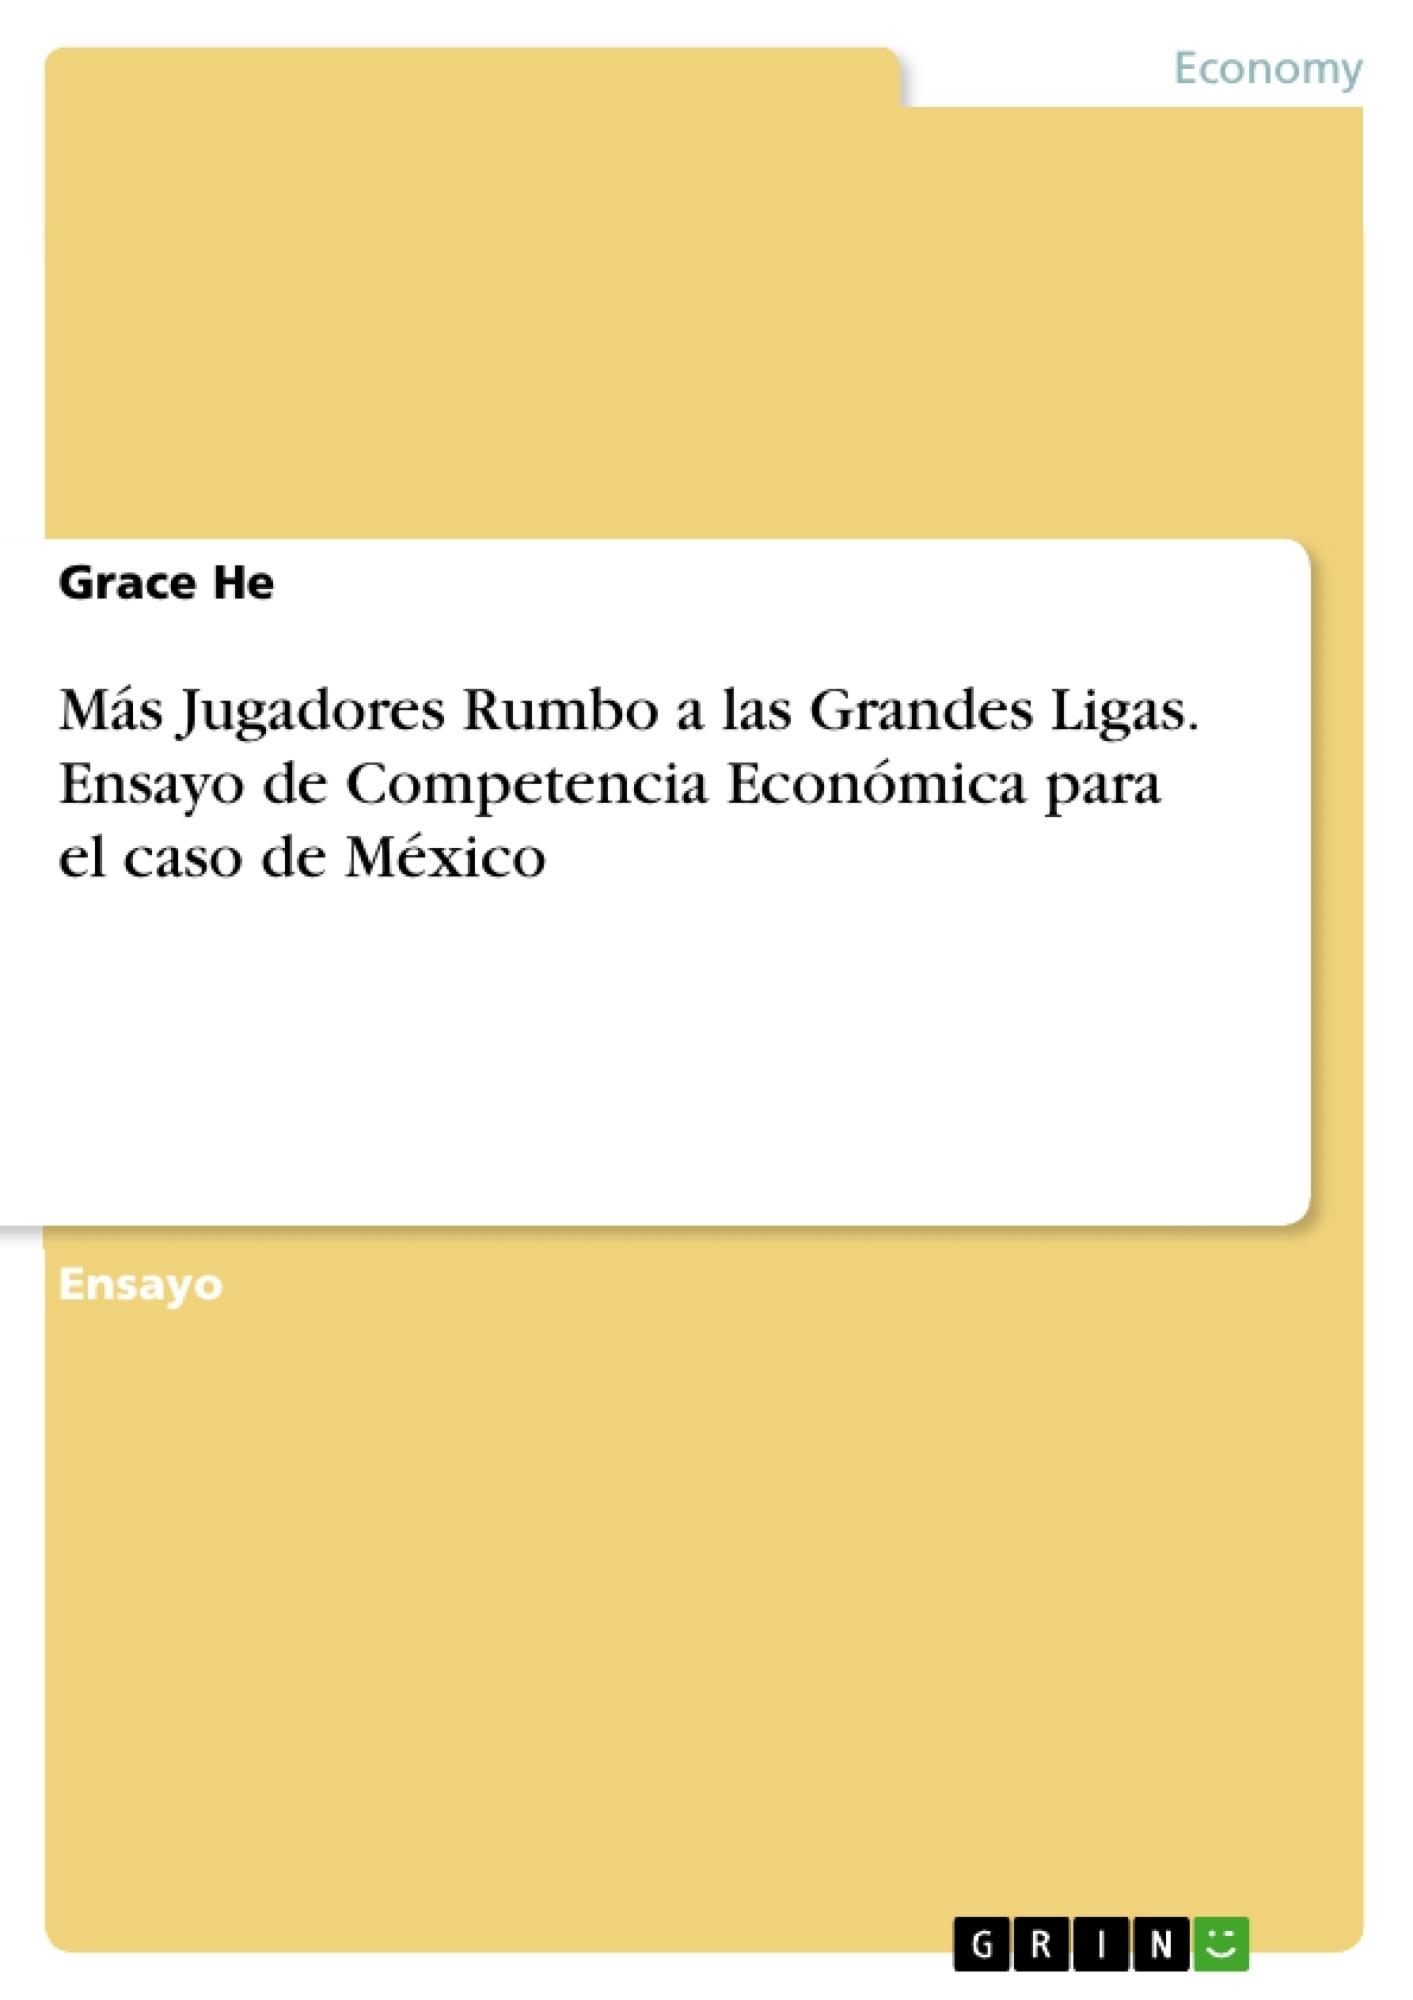 Título: Más Jugadores Rumbo a las Grandes Ligas. Ensayo de Competencia Económica para el caso de México